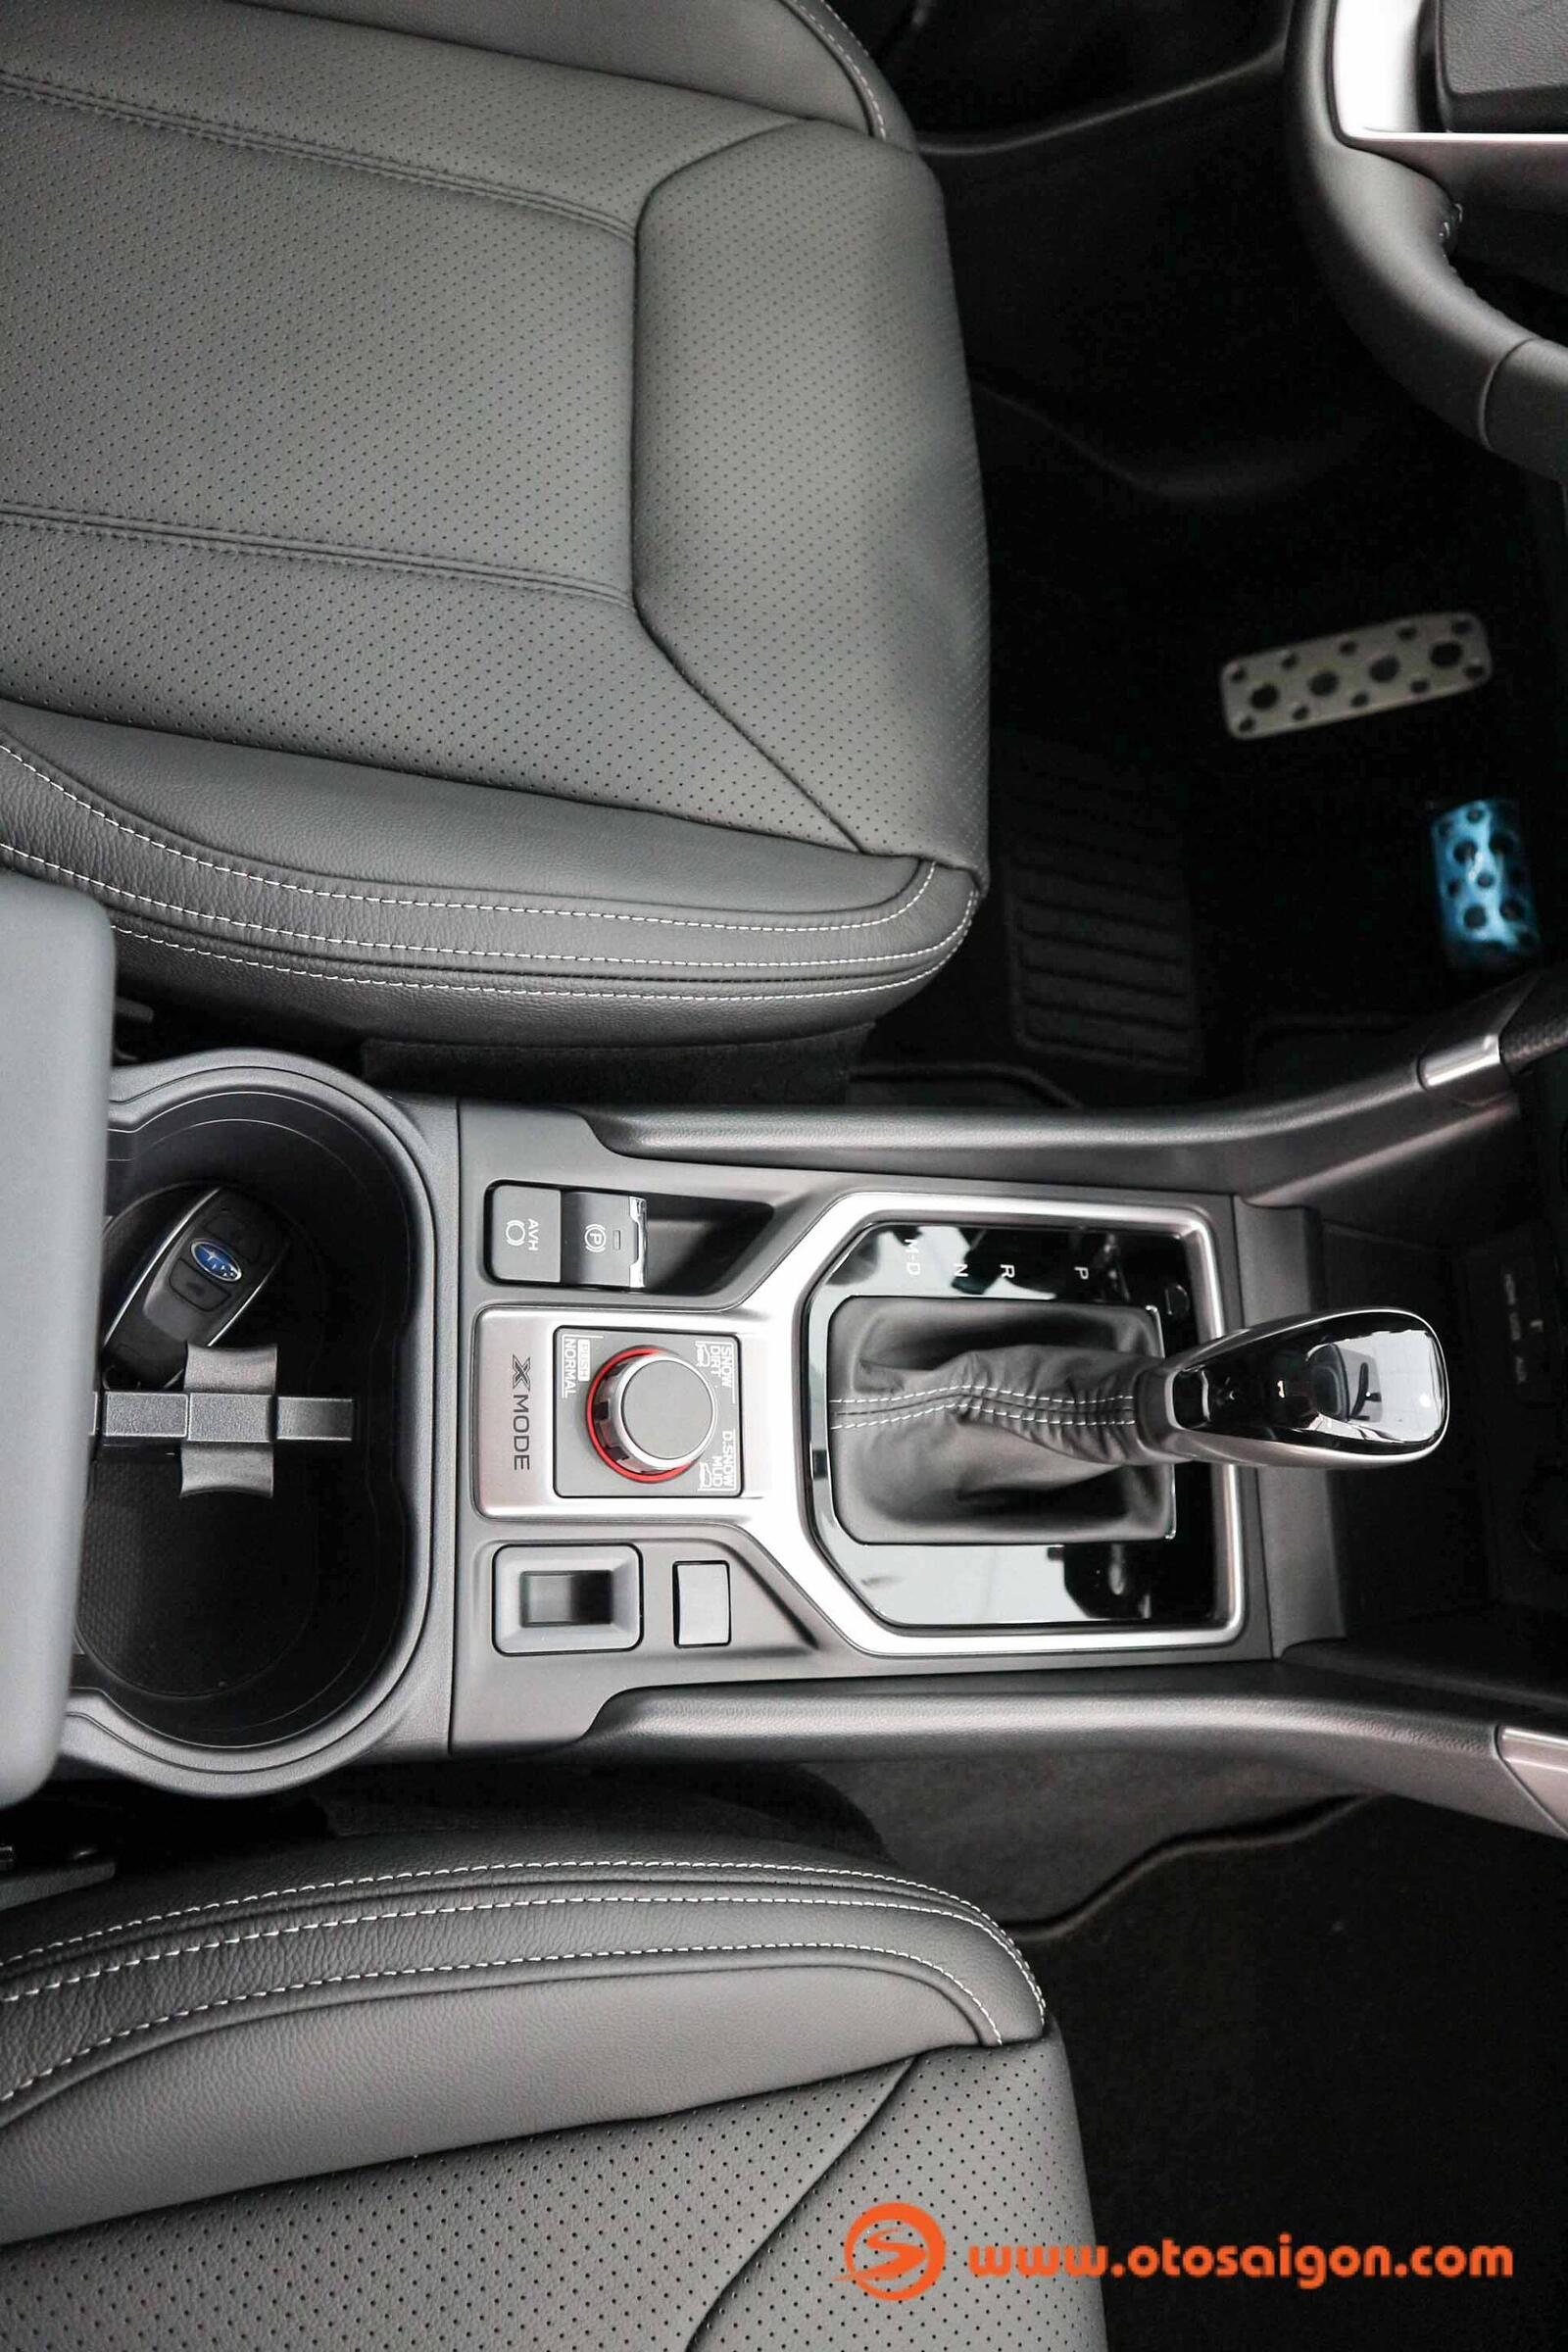 Cận cảnh Subaru Forester thế hệ mới nhập Thái sắp ra mắt tại Việt Nam | SUBARU - Hình 12